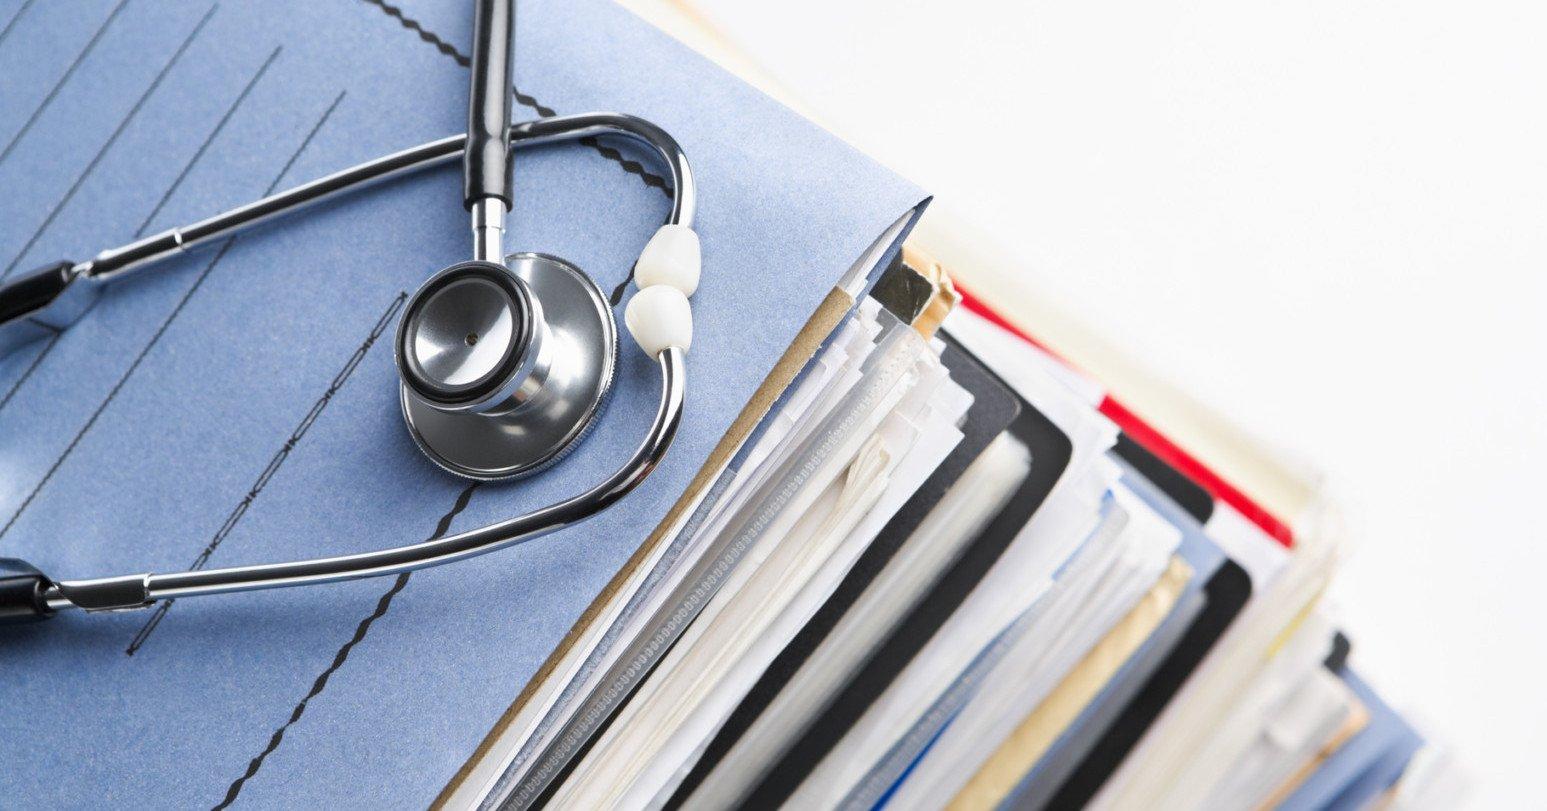 طب کار, طب کار و الزام به تشکیل پرونده پزشکی افراد شاغل